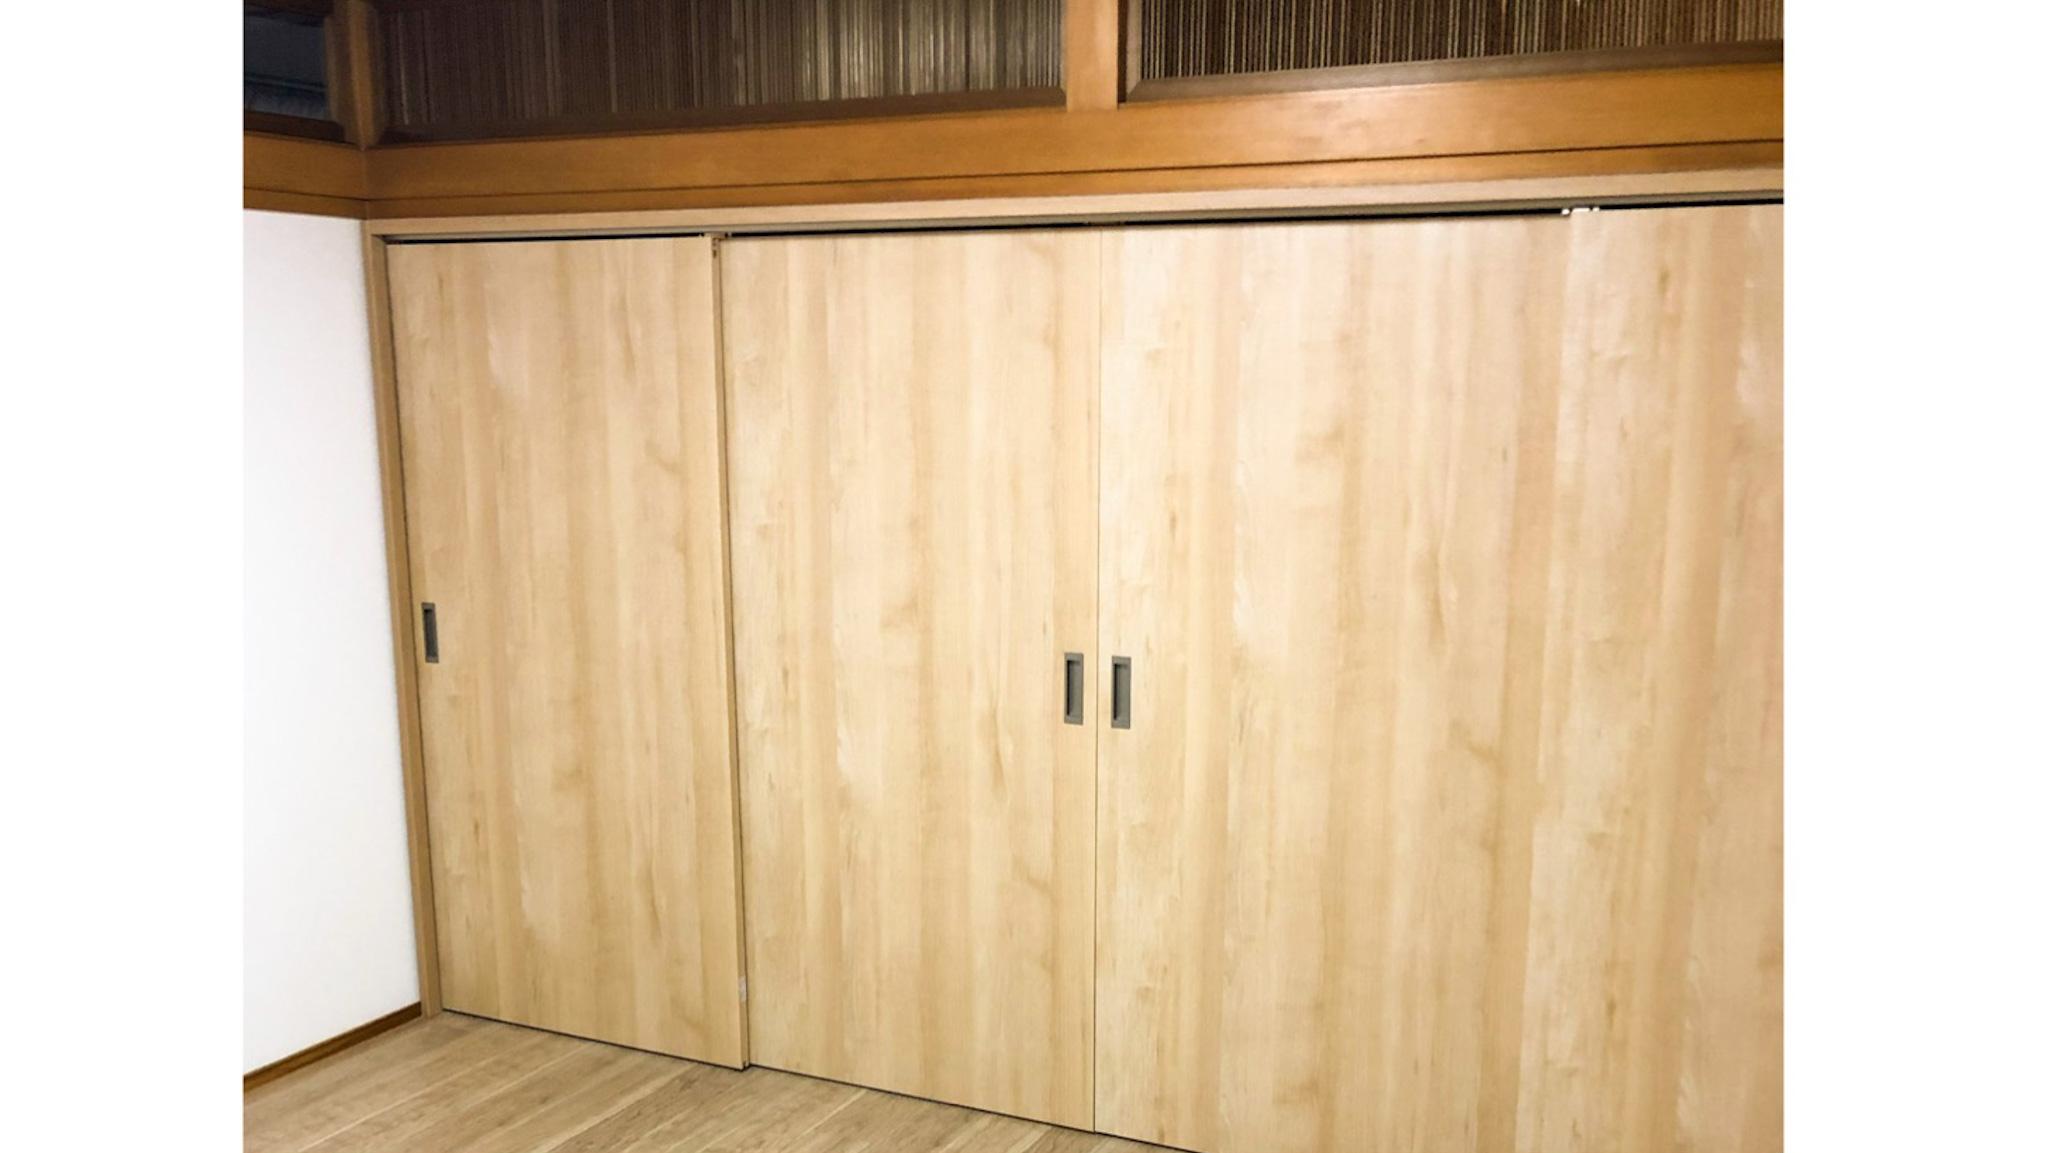 二間続きの和室をオフィスに/襖から上吊り建具へリフォーム(尼崎市)